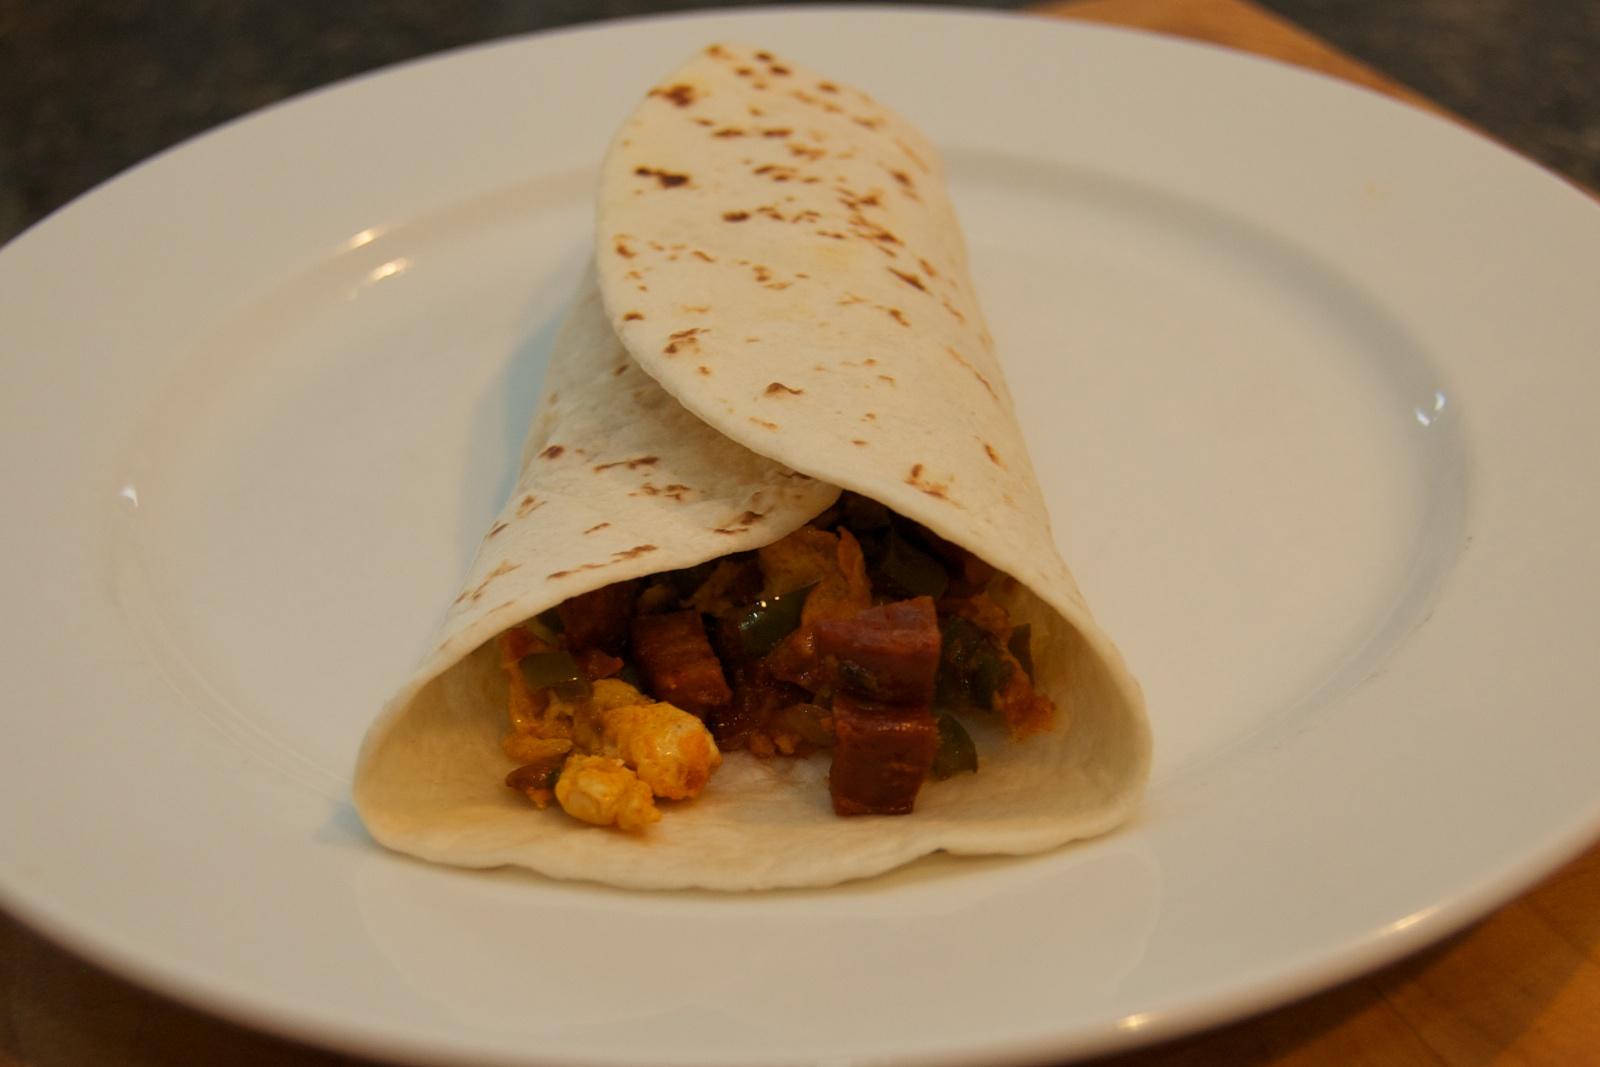 http://blog.rickk.com/food/2010/10/04/breakfastburrito8.jpg